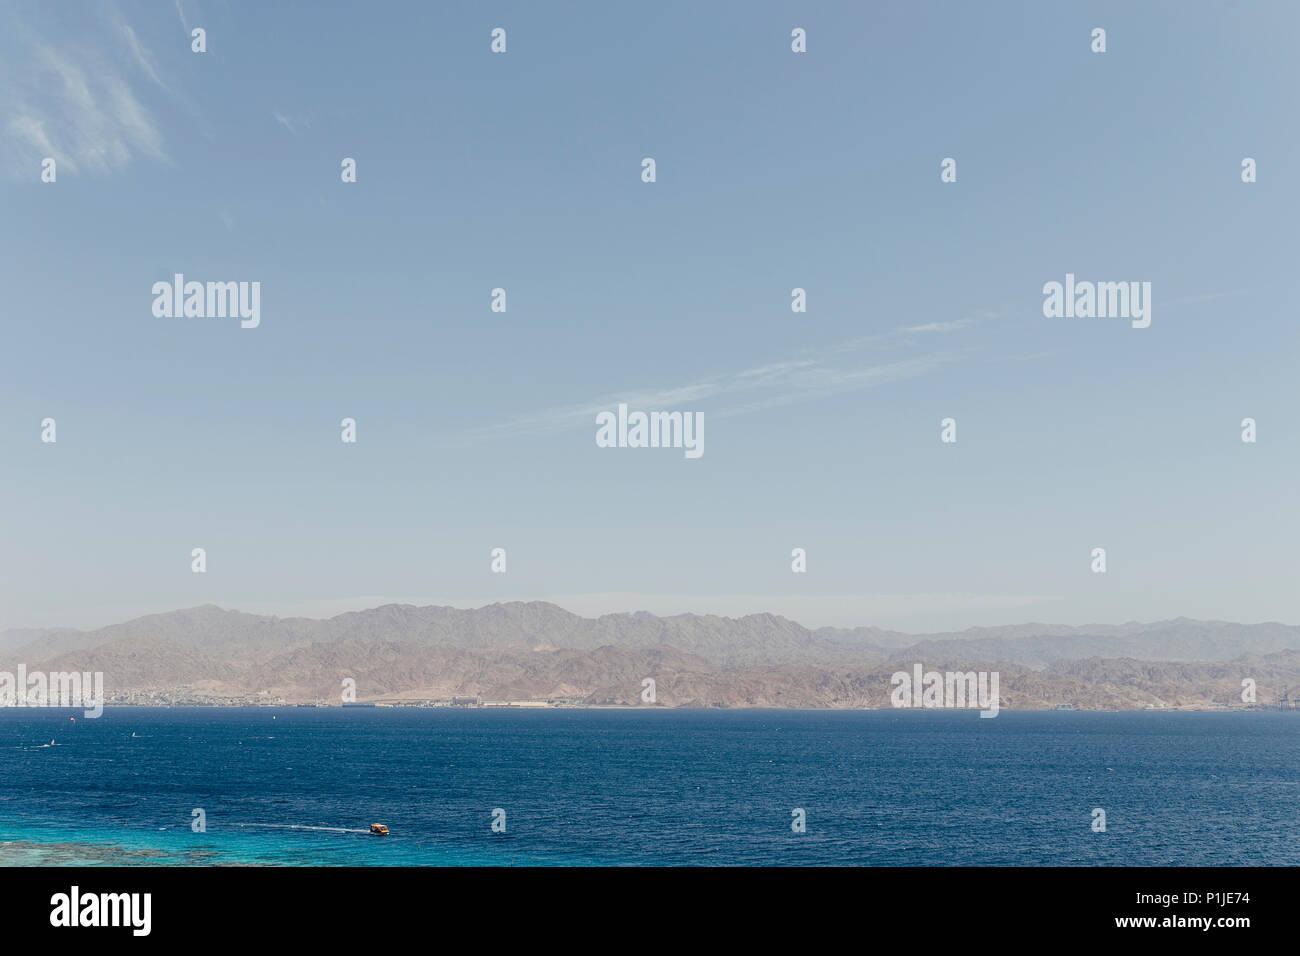 Landschaft Blick Auf Die Israelische Stadt Eilat Stadt Ferien